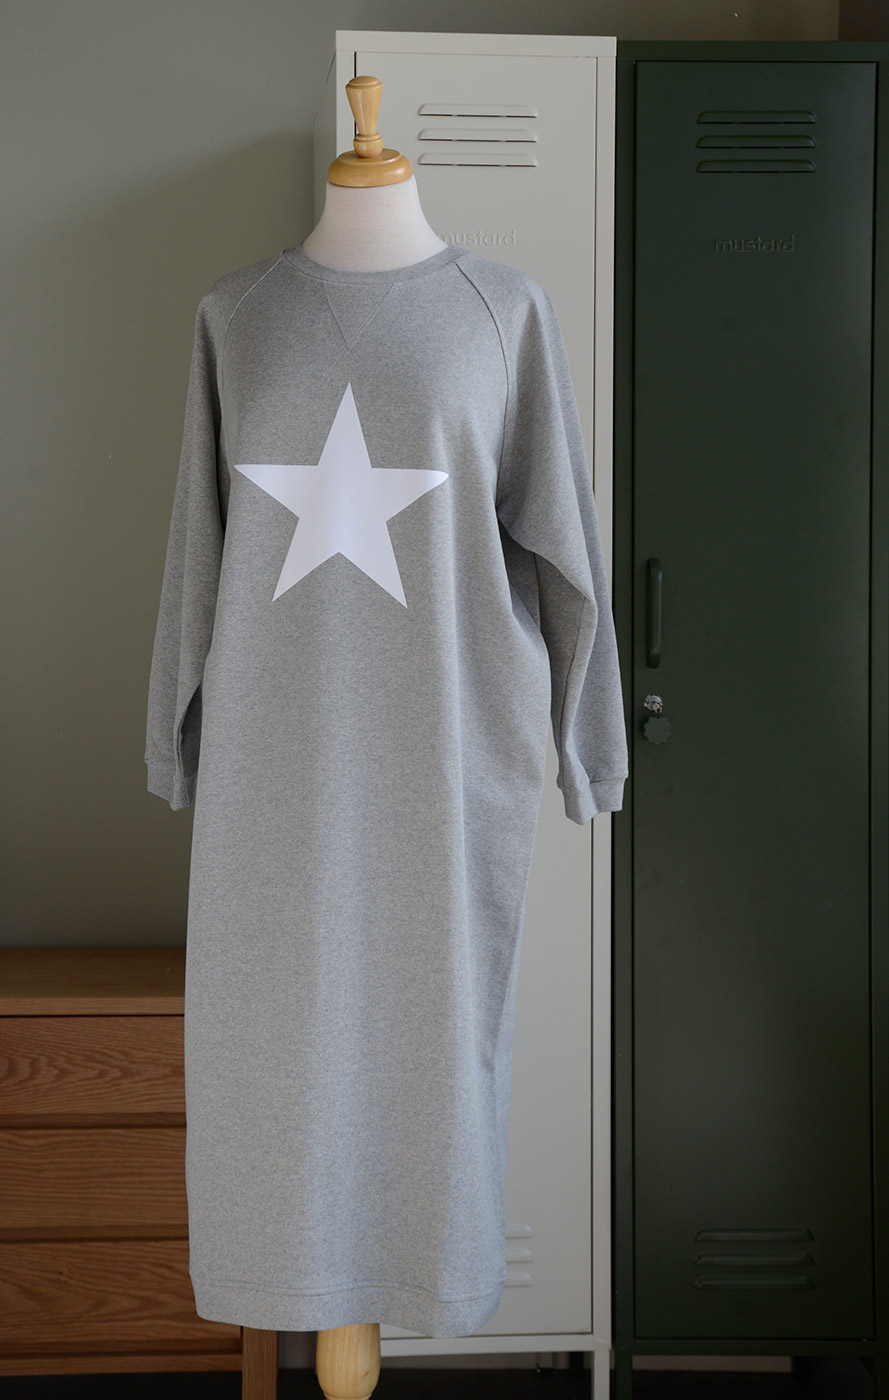 grey dress with star